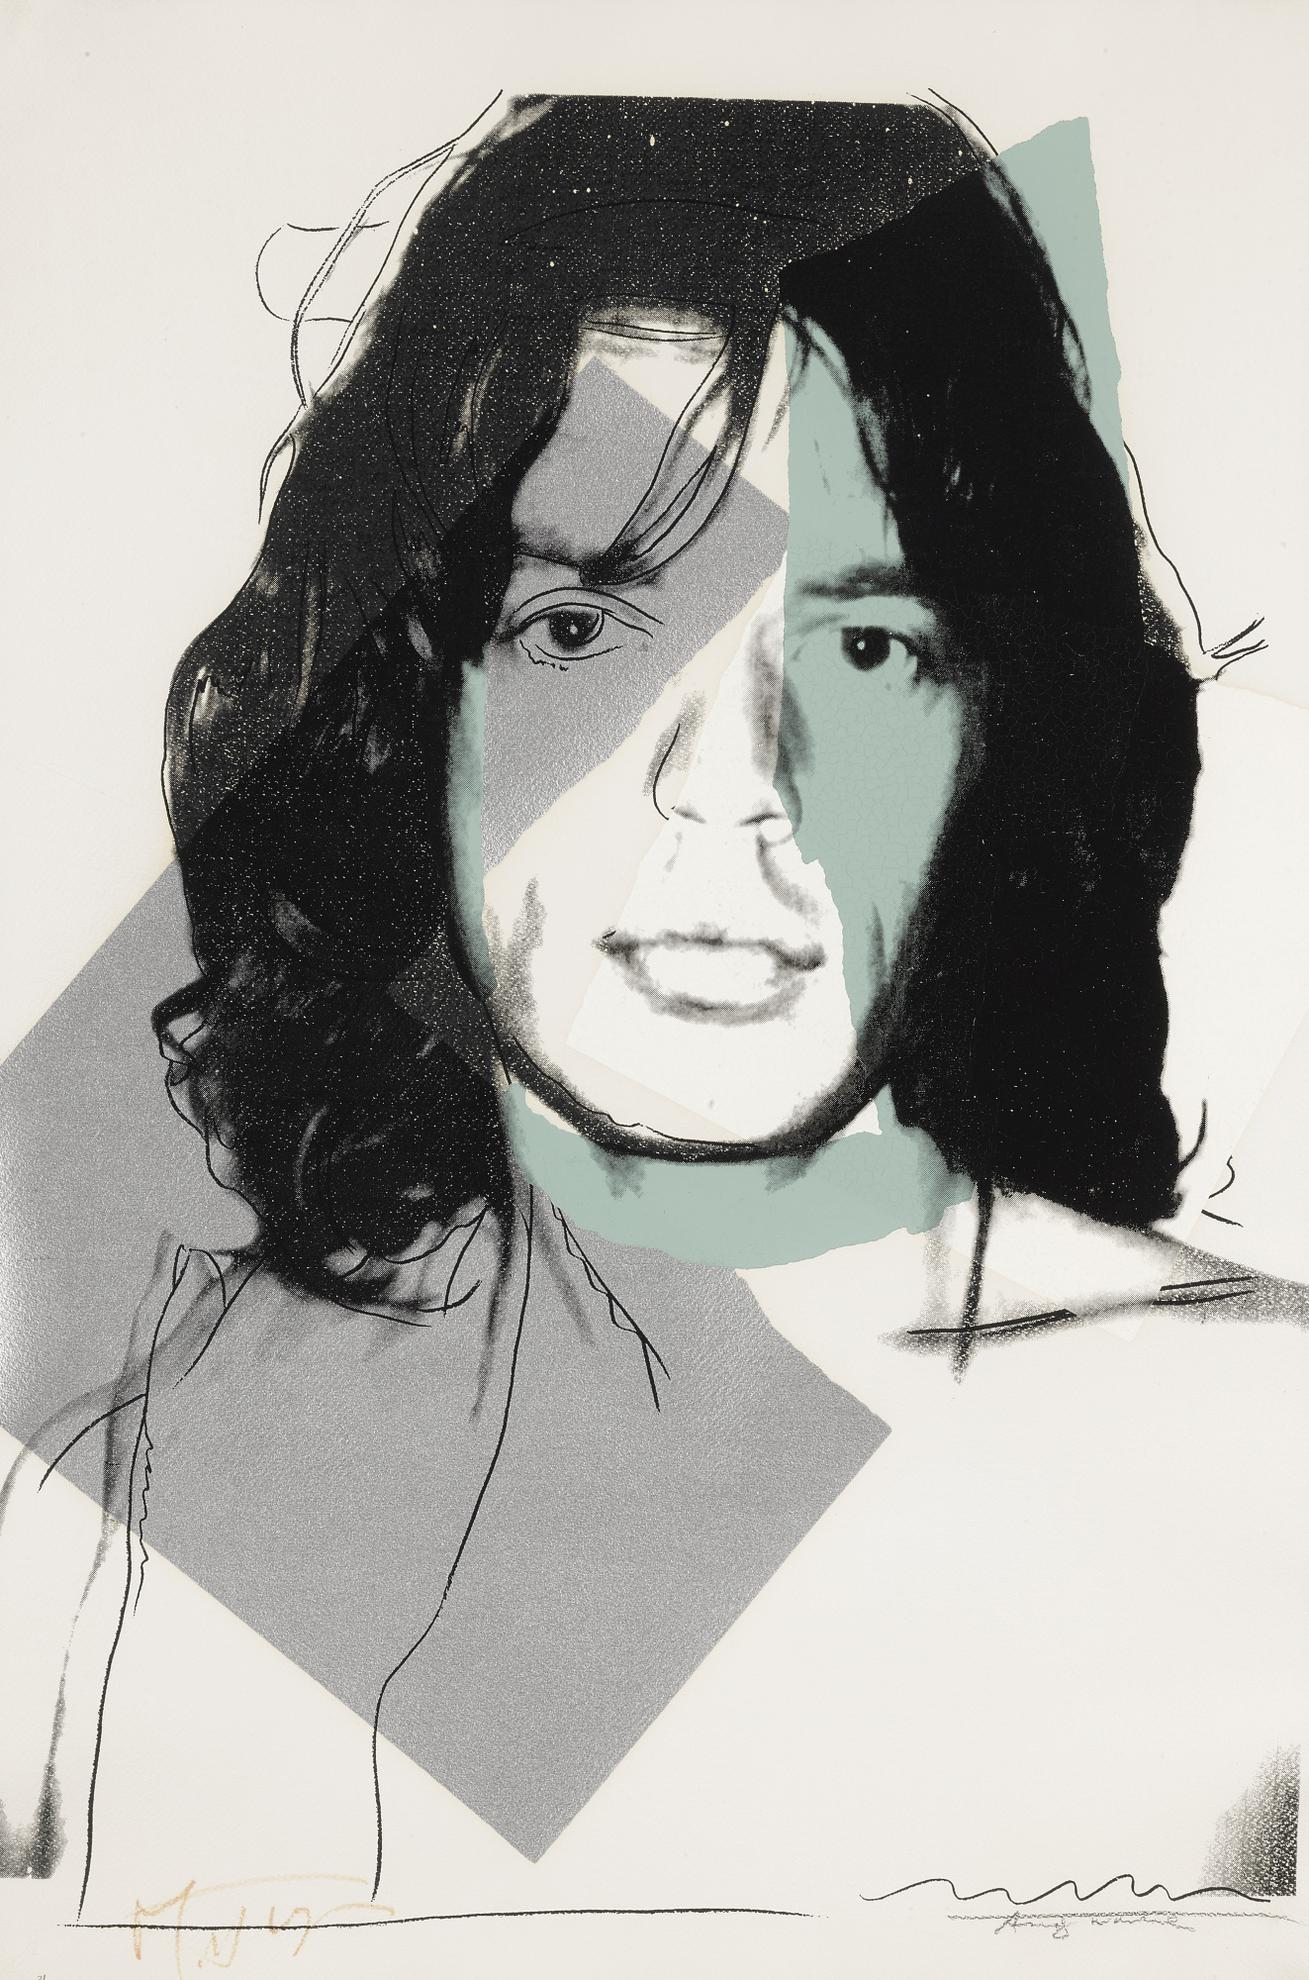 Andy Warhol-Mick Jagger (F. & S. II.138)-1975